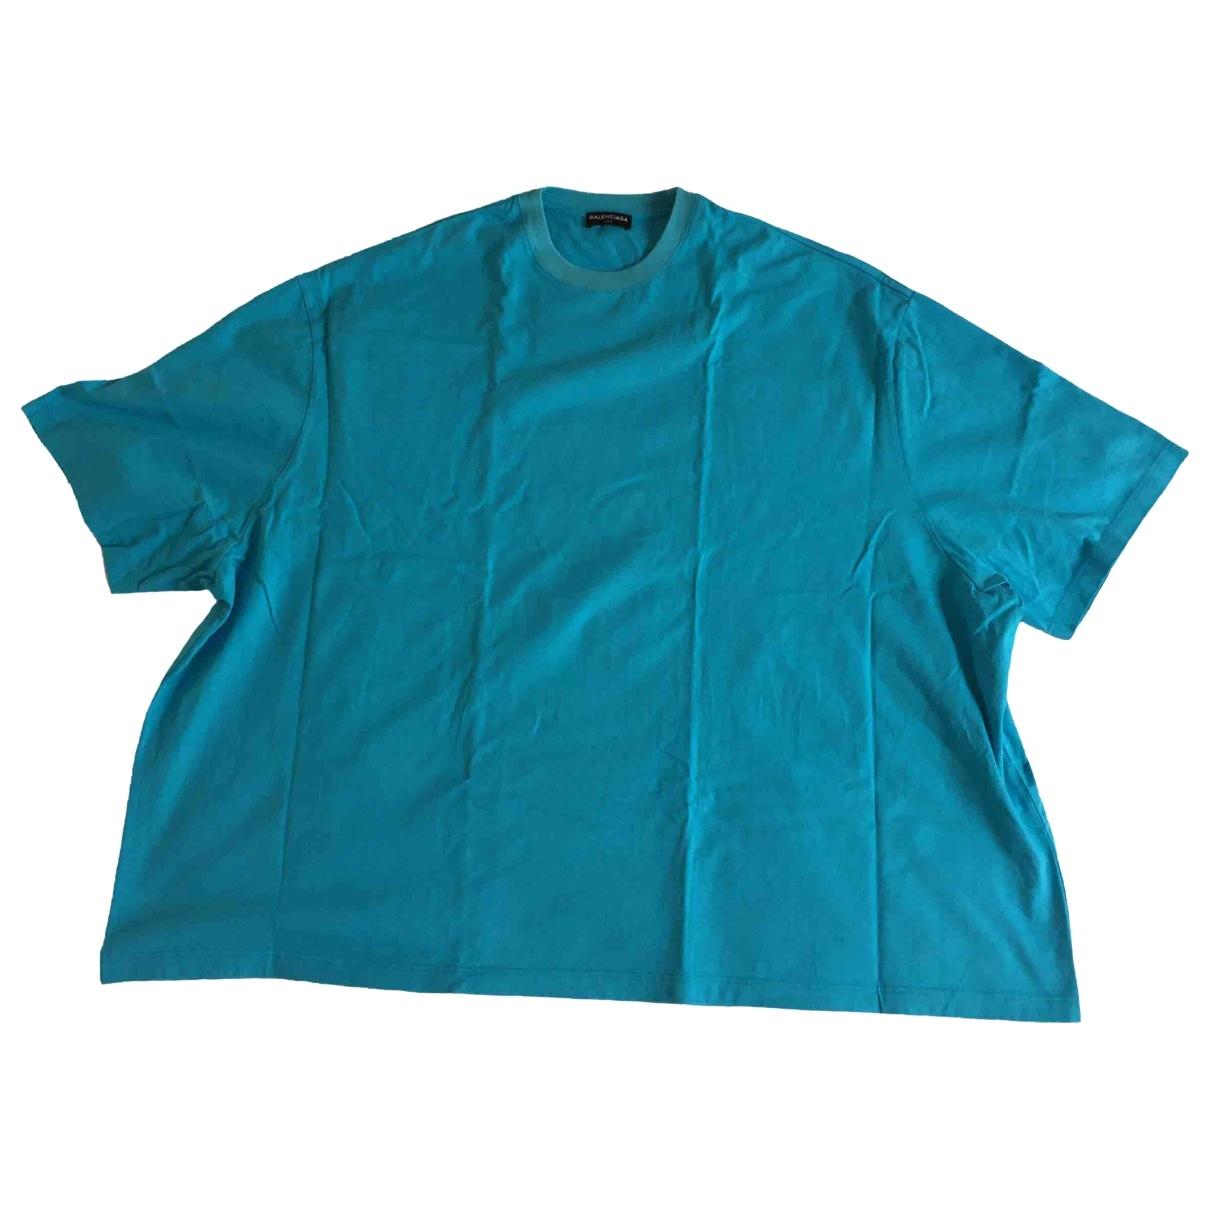 Balenciaga - Tee shirts   pour homme en coton - bleu